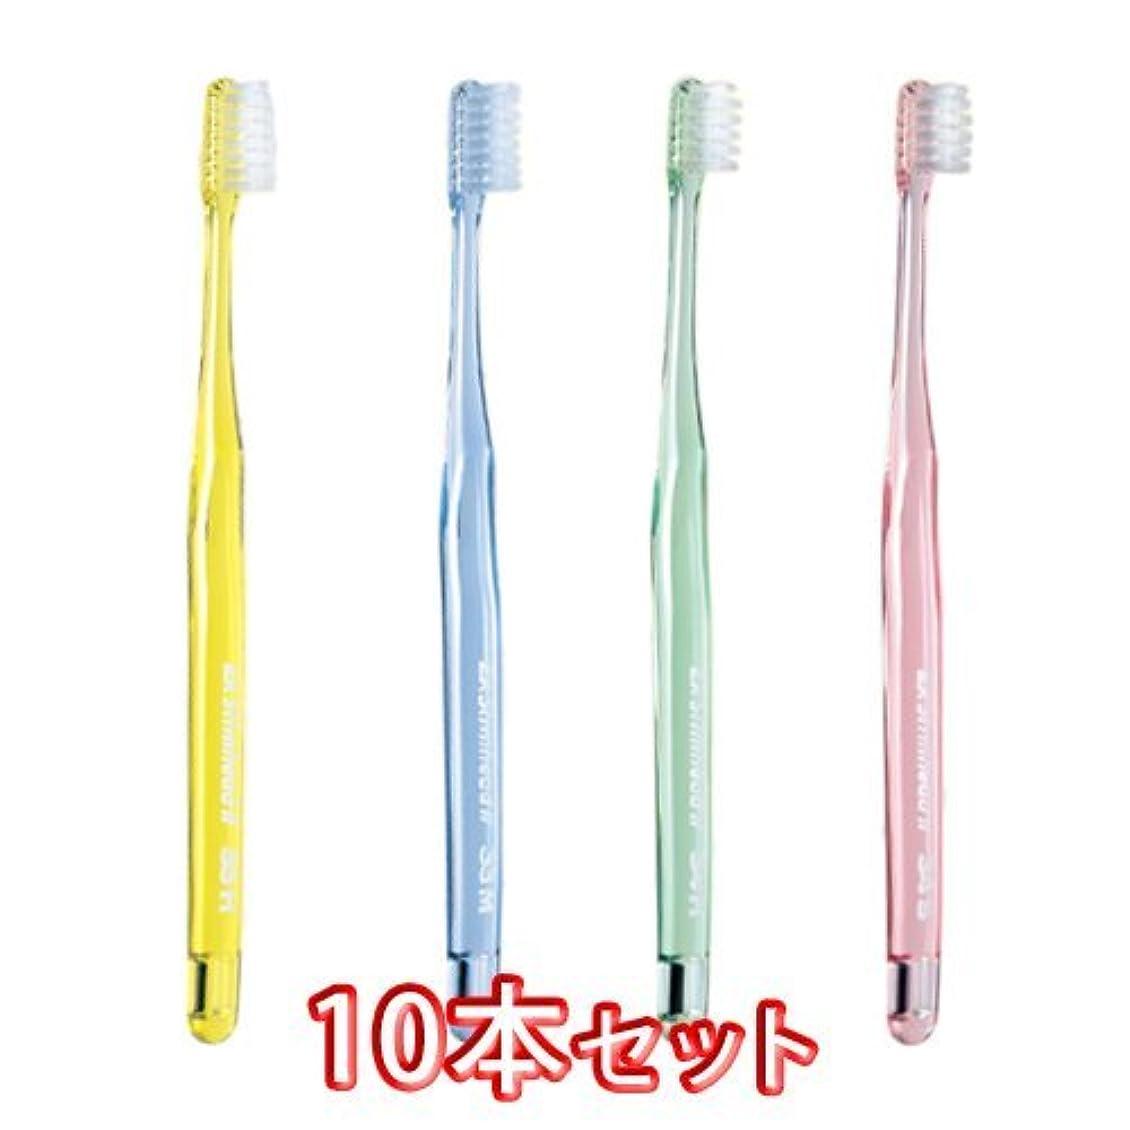 翻訳するそれによってなのでライオン スリムヘッド2 歯ブラシ 10本セット (33H)